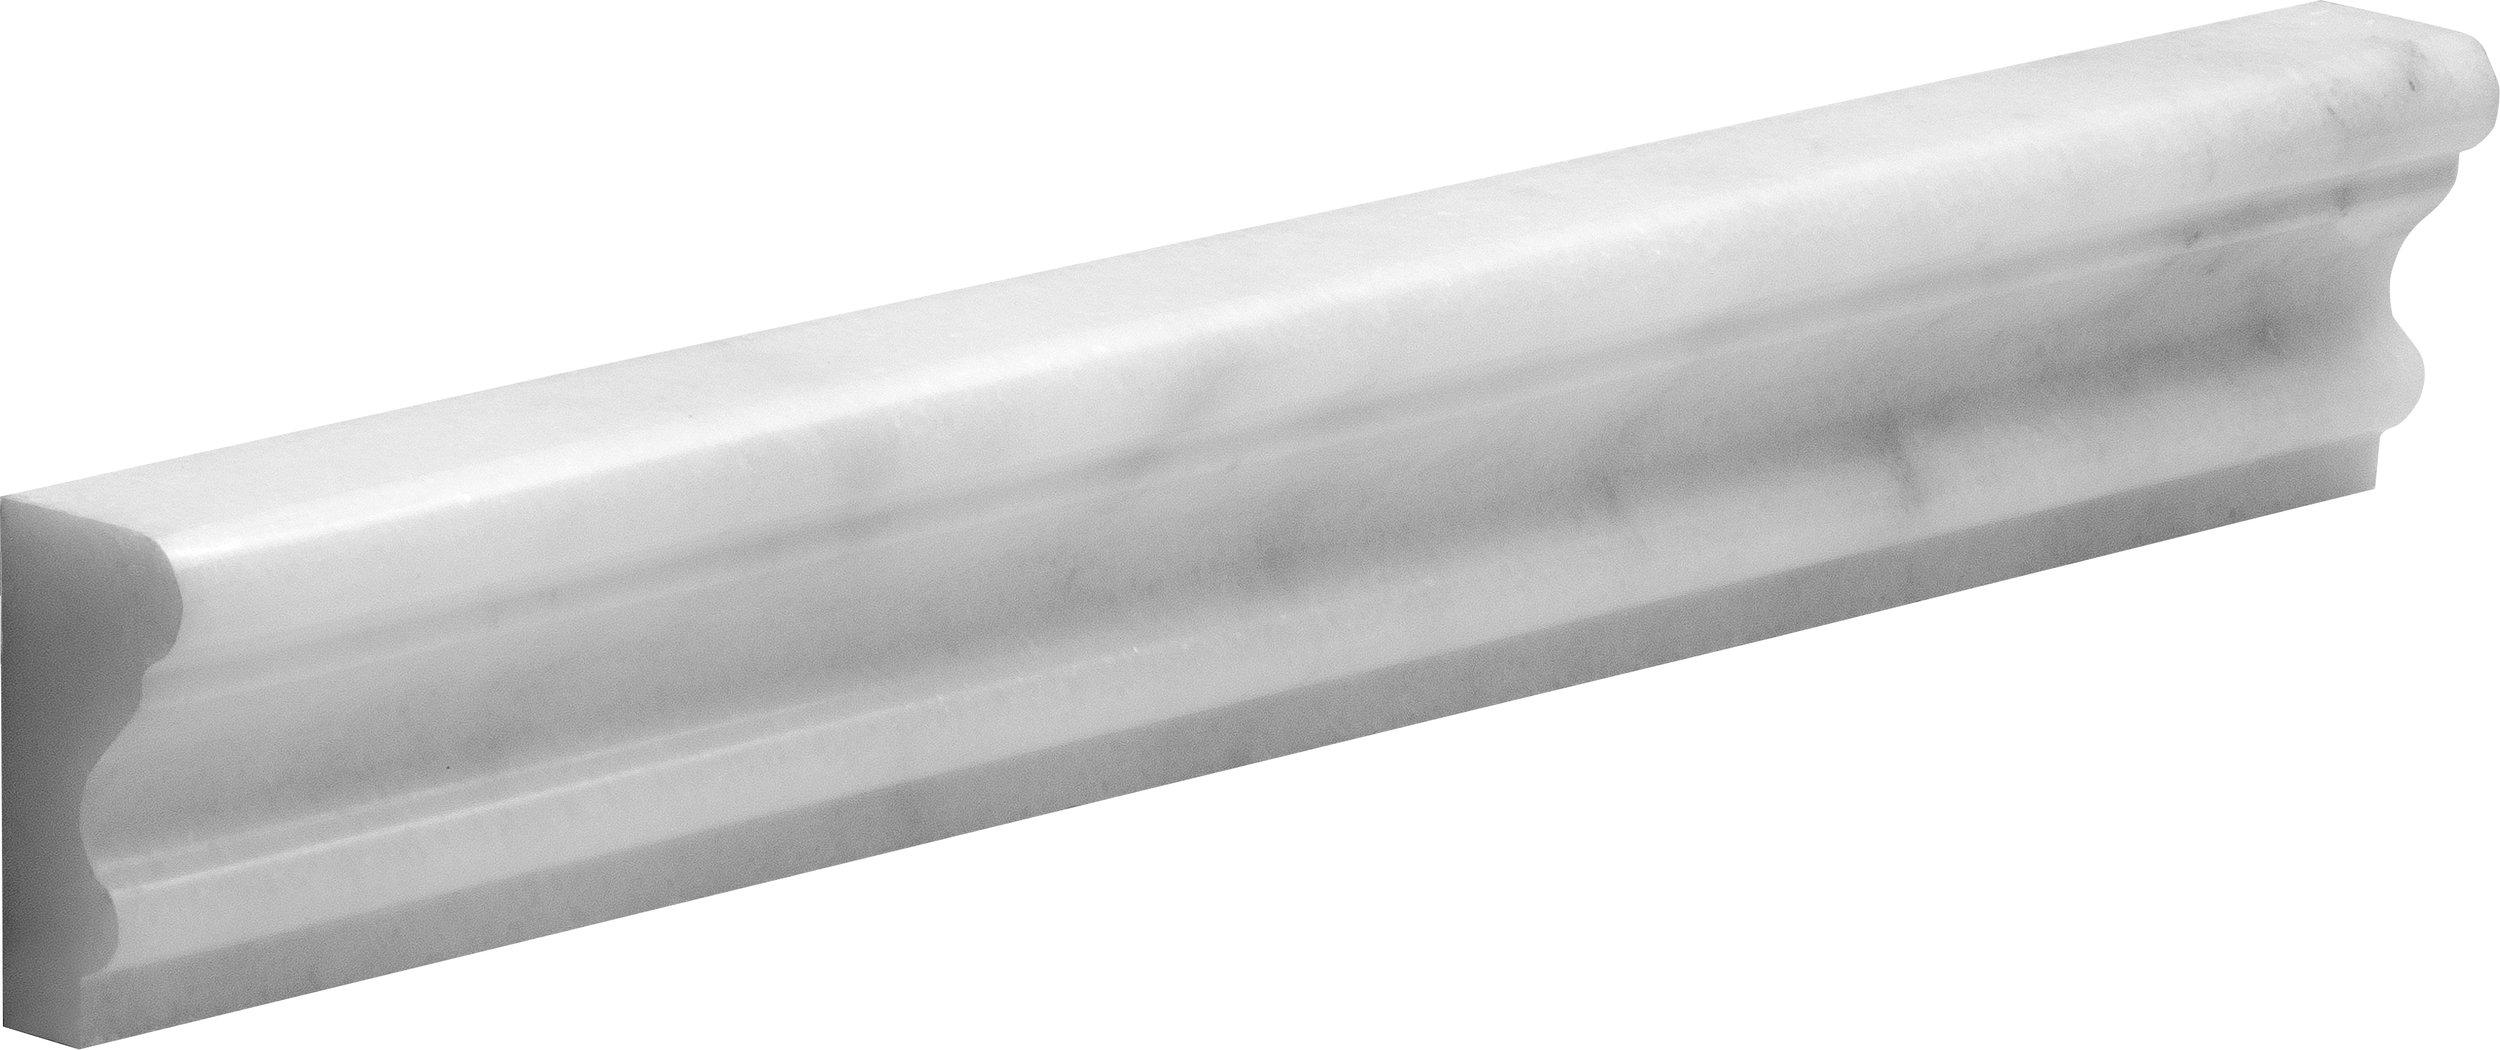 """ML00527 avalon polished andorra molding 2""""x12""""x1"""""""